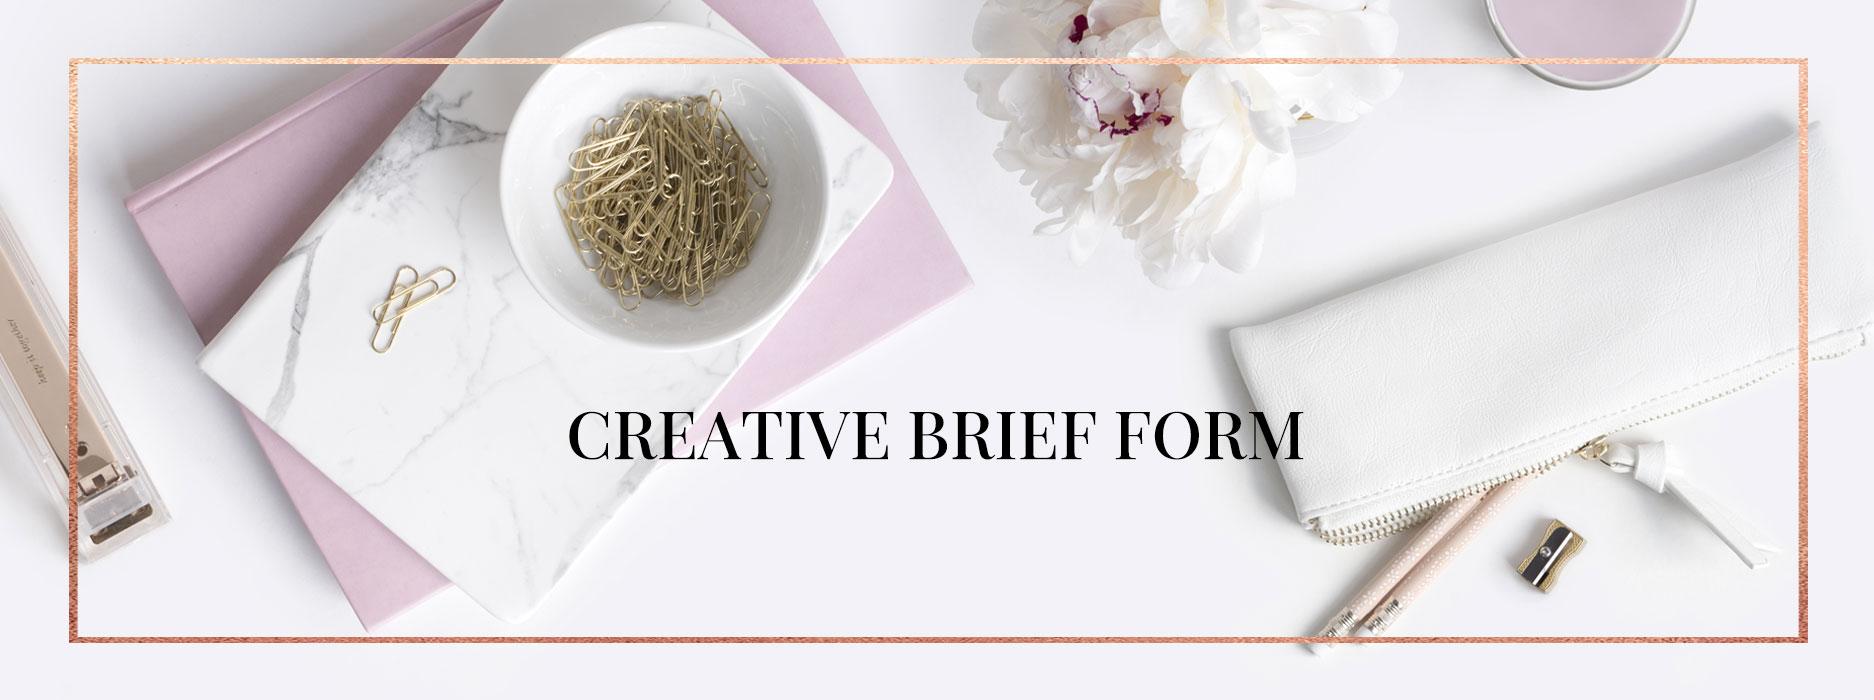 creative brief form